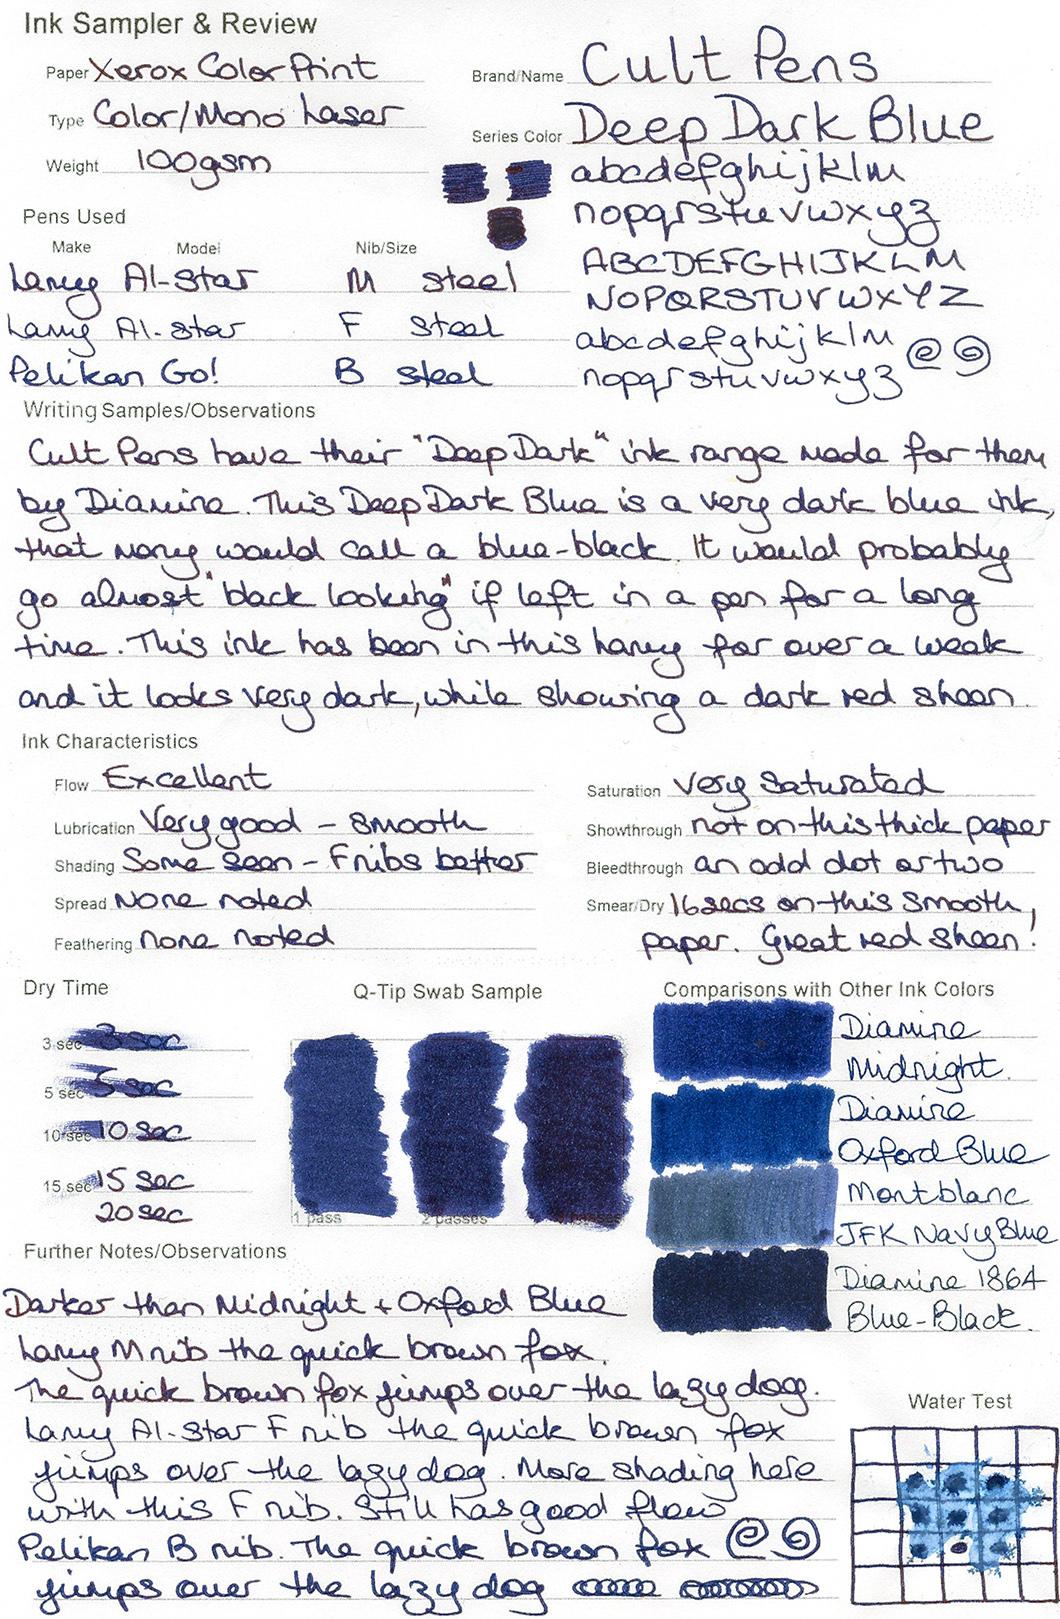 fpn_1519886397__cult_pens_deep_dark_blue